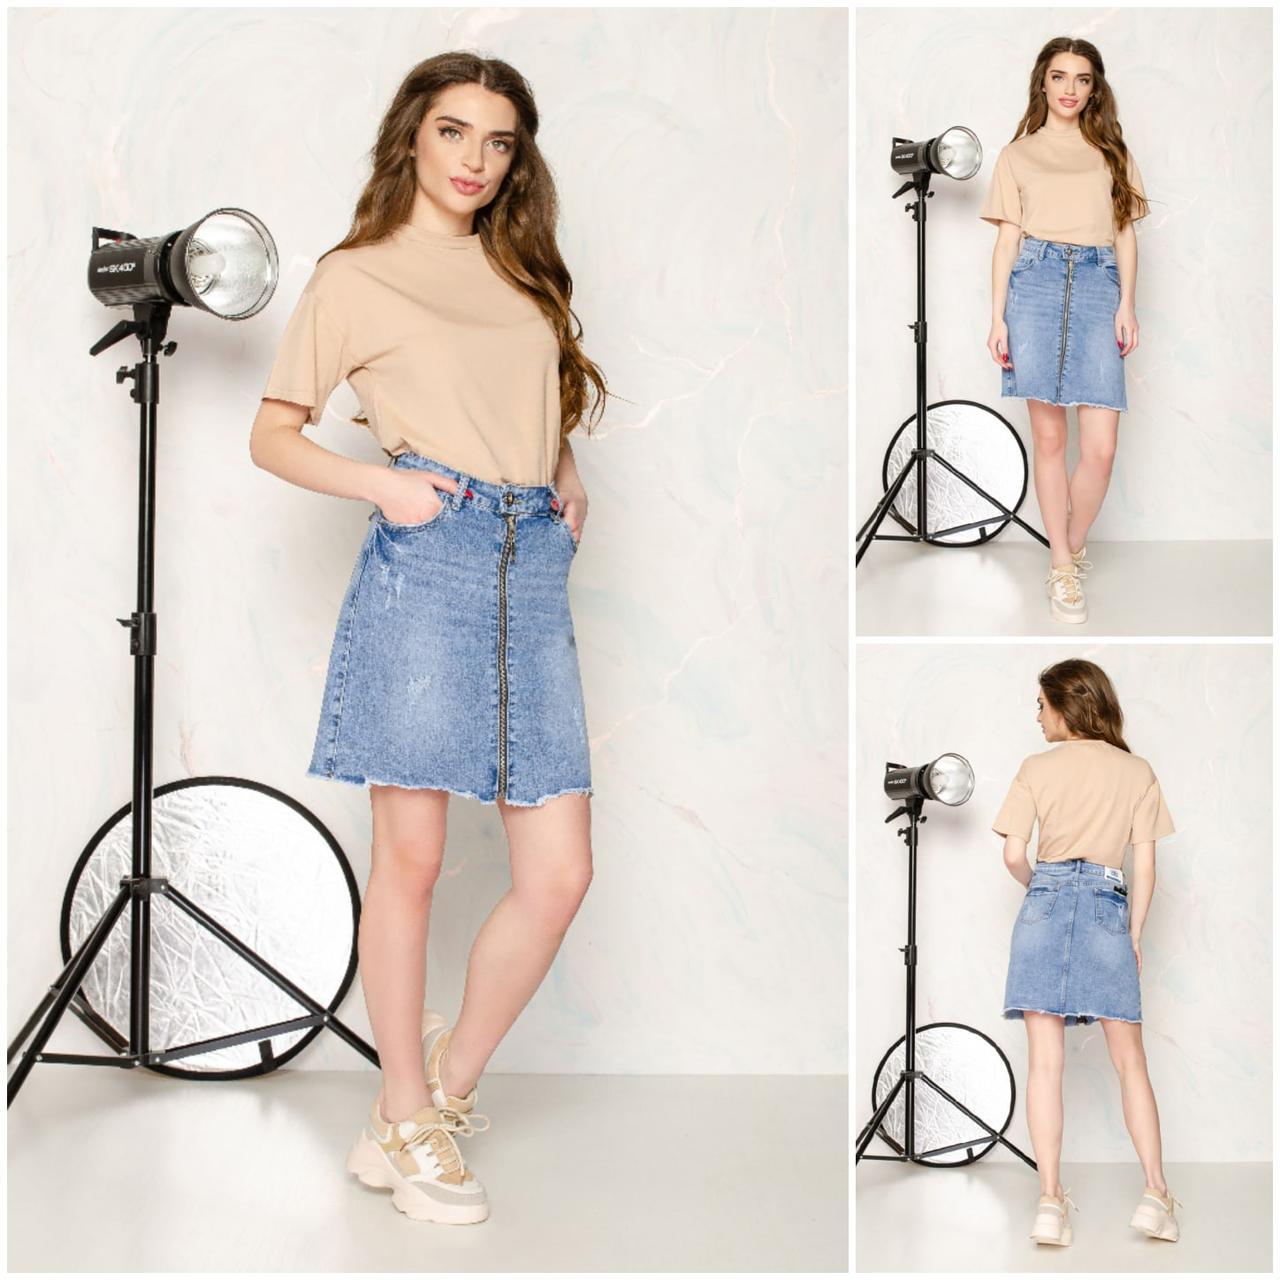 Юбка джинсовая на молнии,  Юбка джинсовая, Джинсовая юбка, Юбка женская джинсовая.